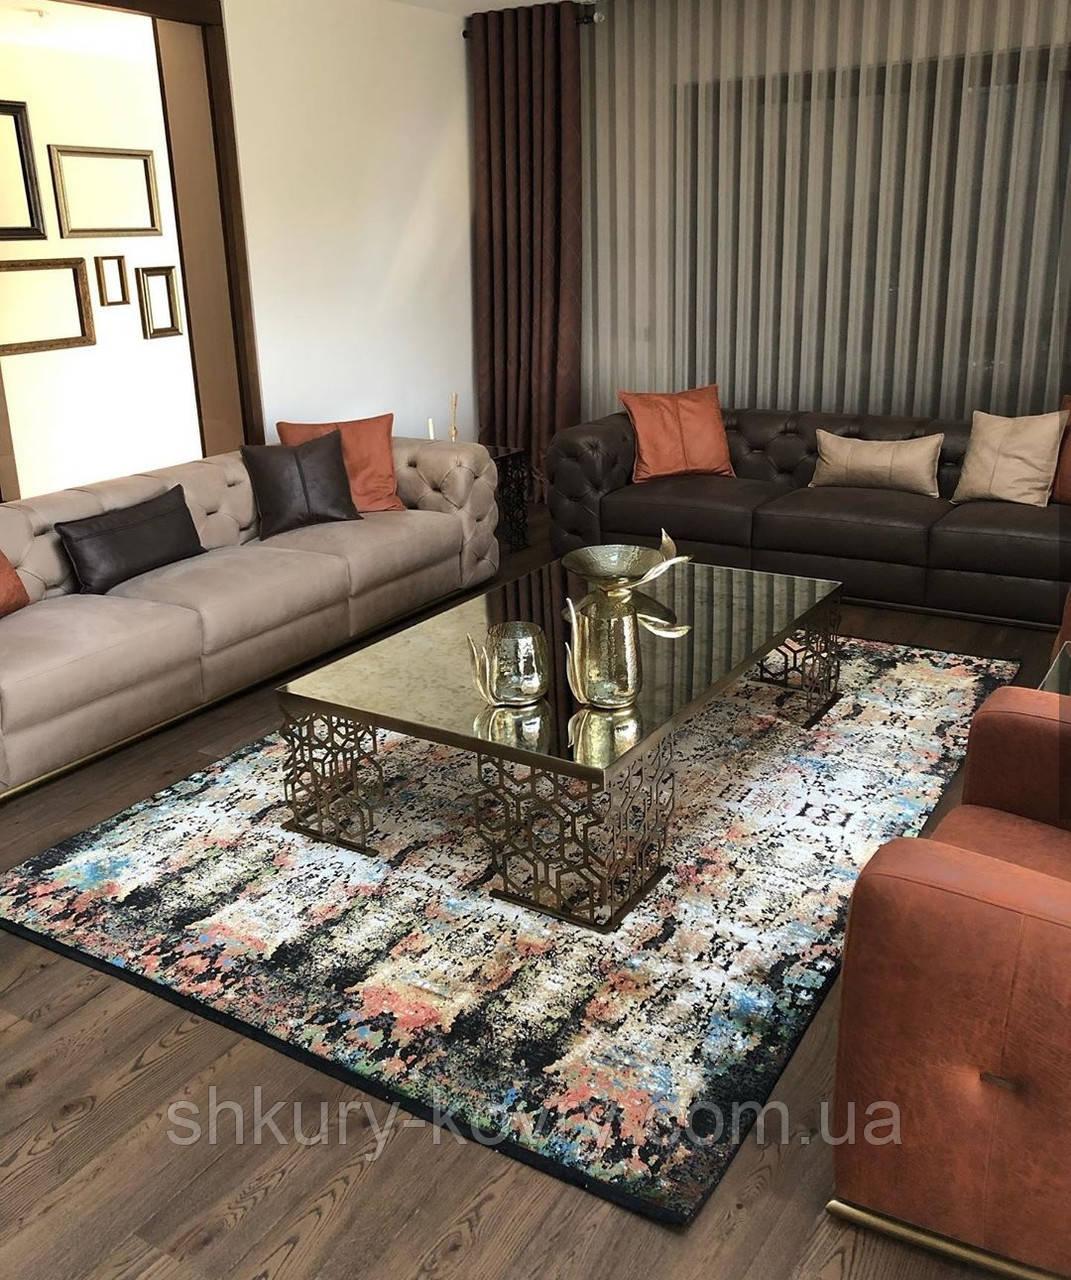 Шикарний шовковистий темний класичний килим в кольорі мультиколор на чорному тлі